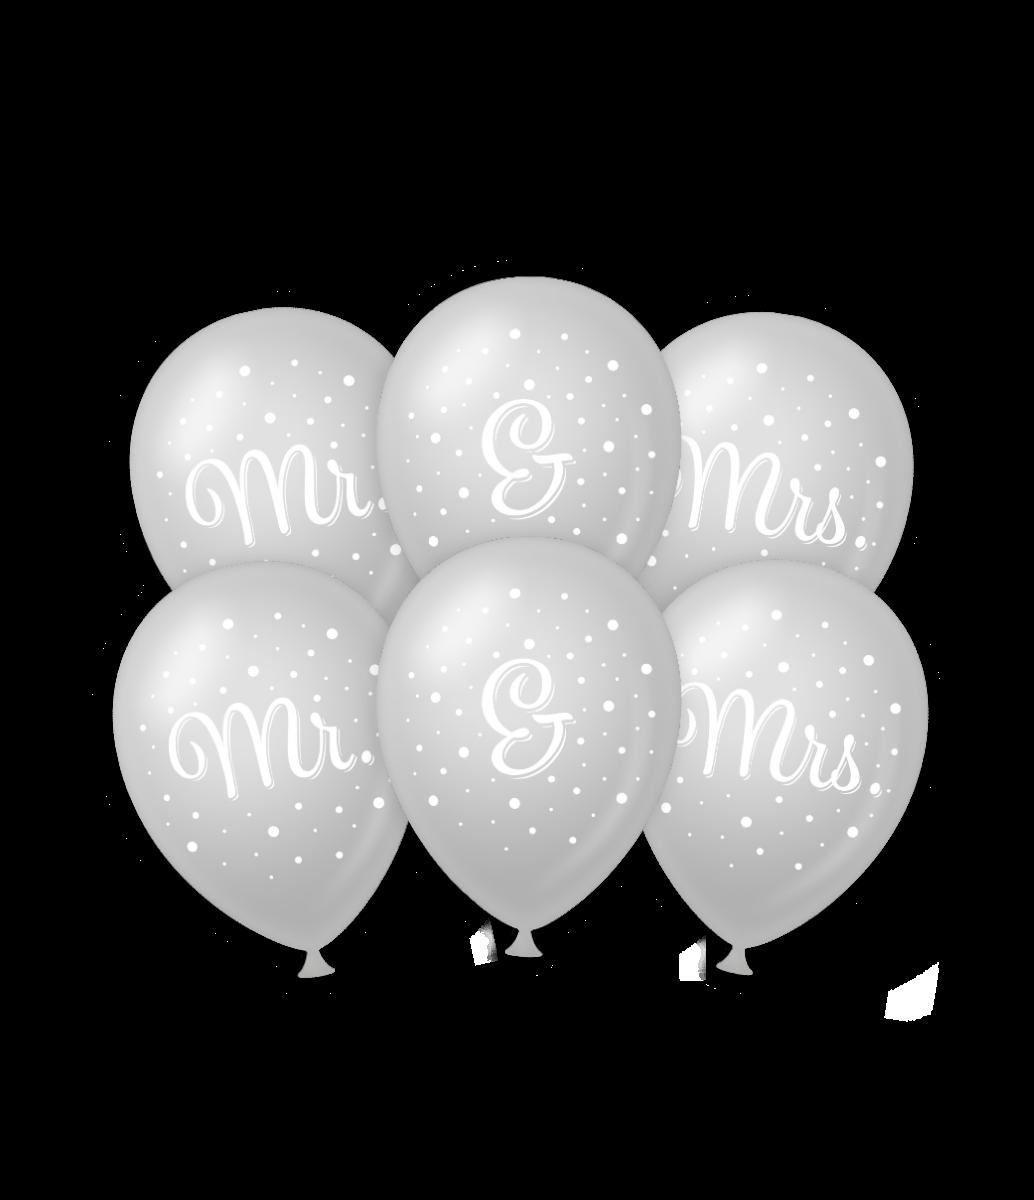 """6st Helium Ballonnen Mr. & Mrs. Zilver 12"""""""